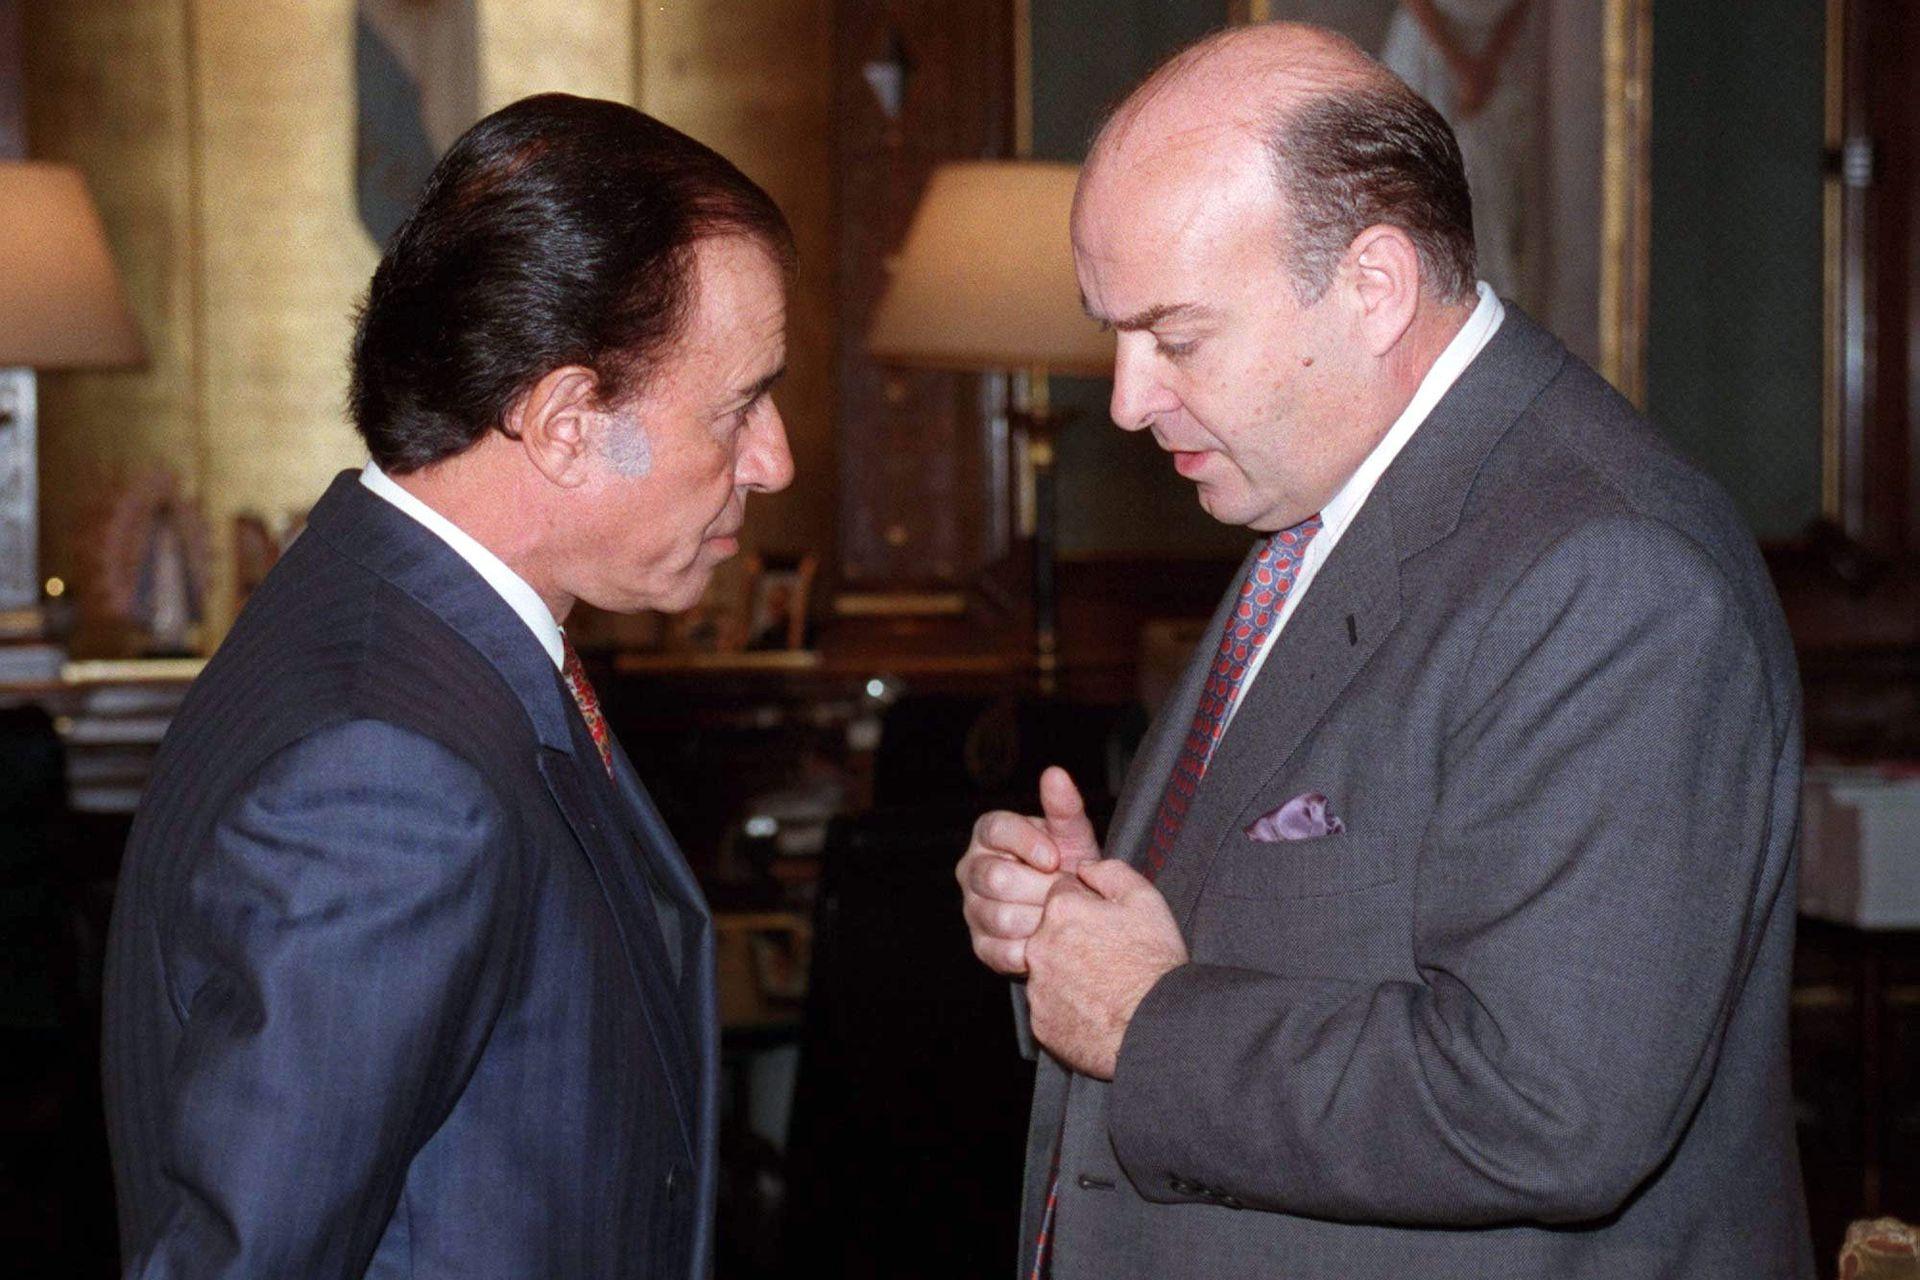 En las gestiones de Carlos Menem y Domingo Cavallo la Argentina envió entre enero y agosto de 1995 varias misiones a La Habana. El 25 de agosto de ese año se puso el número de la deuda: eran US$1278 millones, a los que se les aplicó la tasa Libor más 1,5 puntos porcentuales.